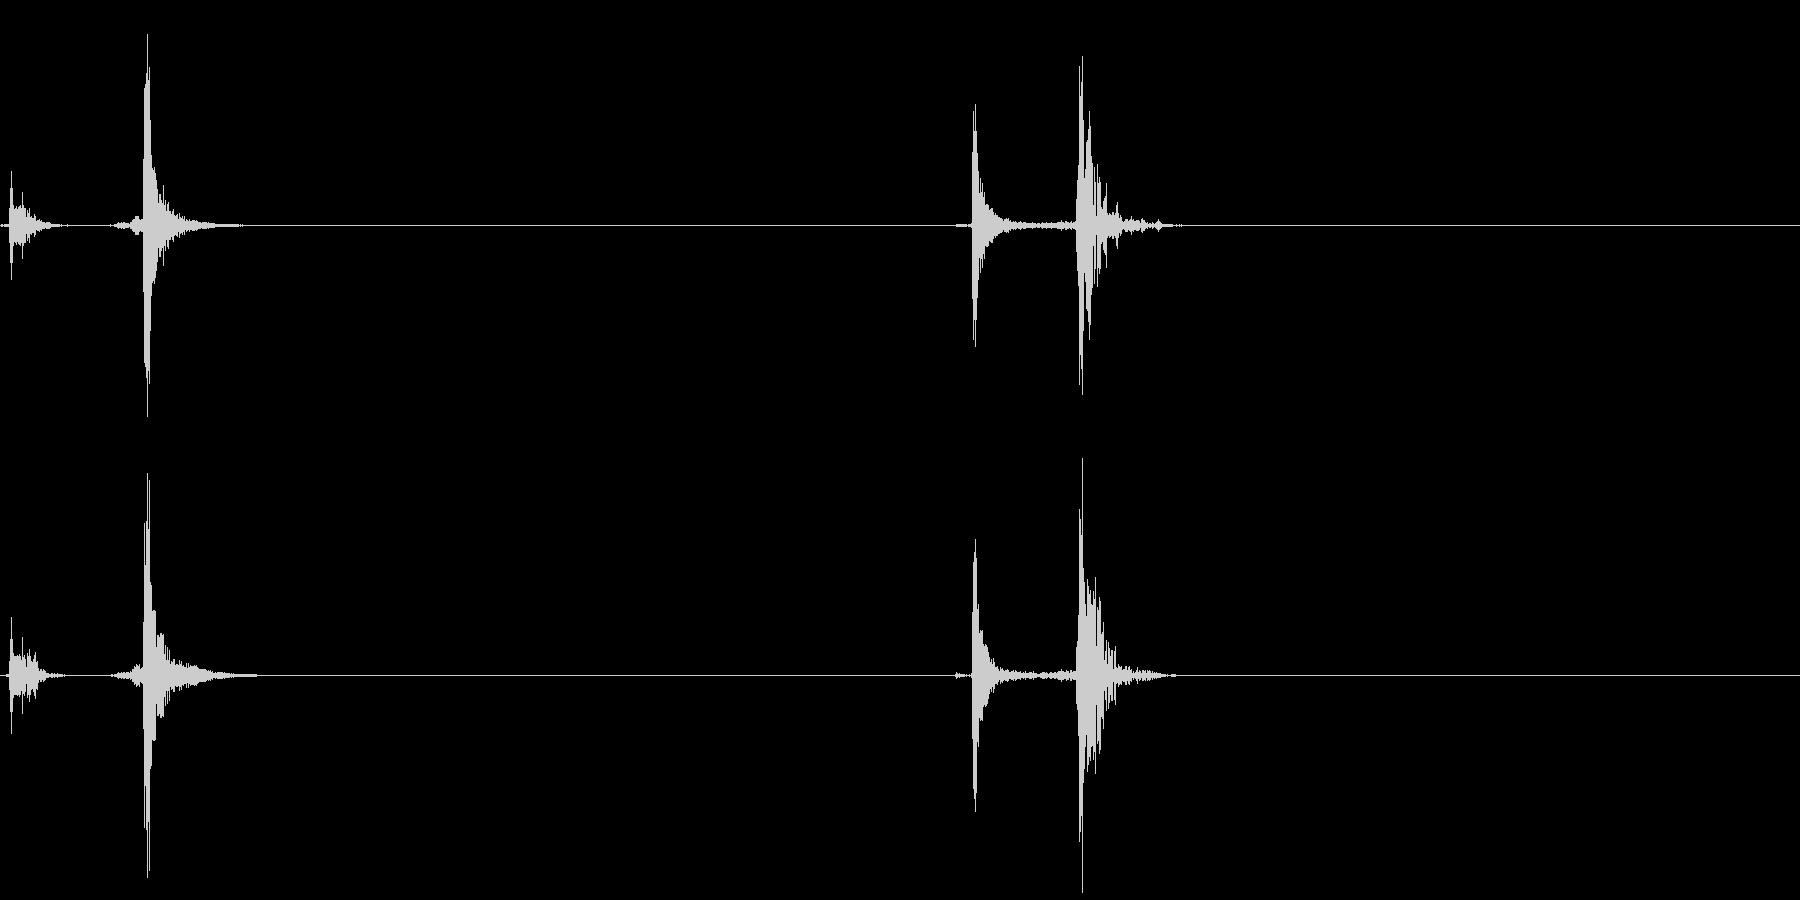 収納ドア開閉音の未再生の波形